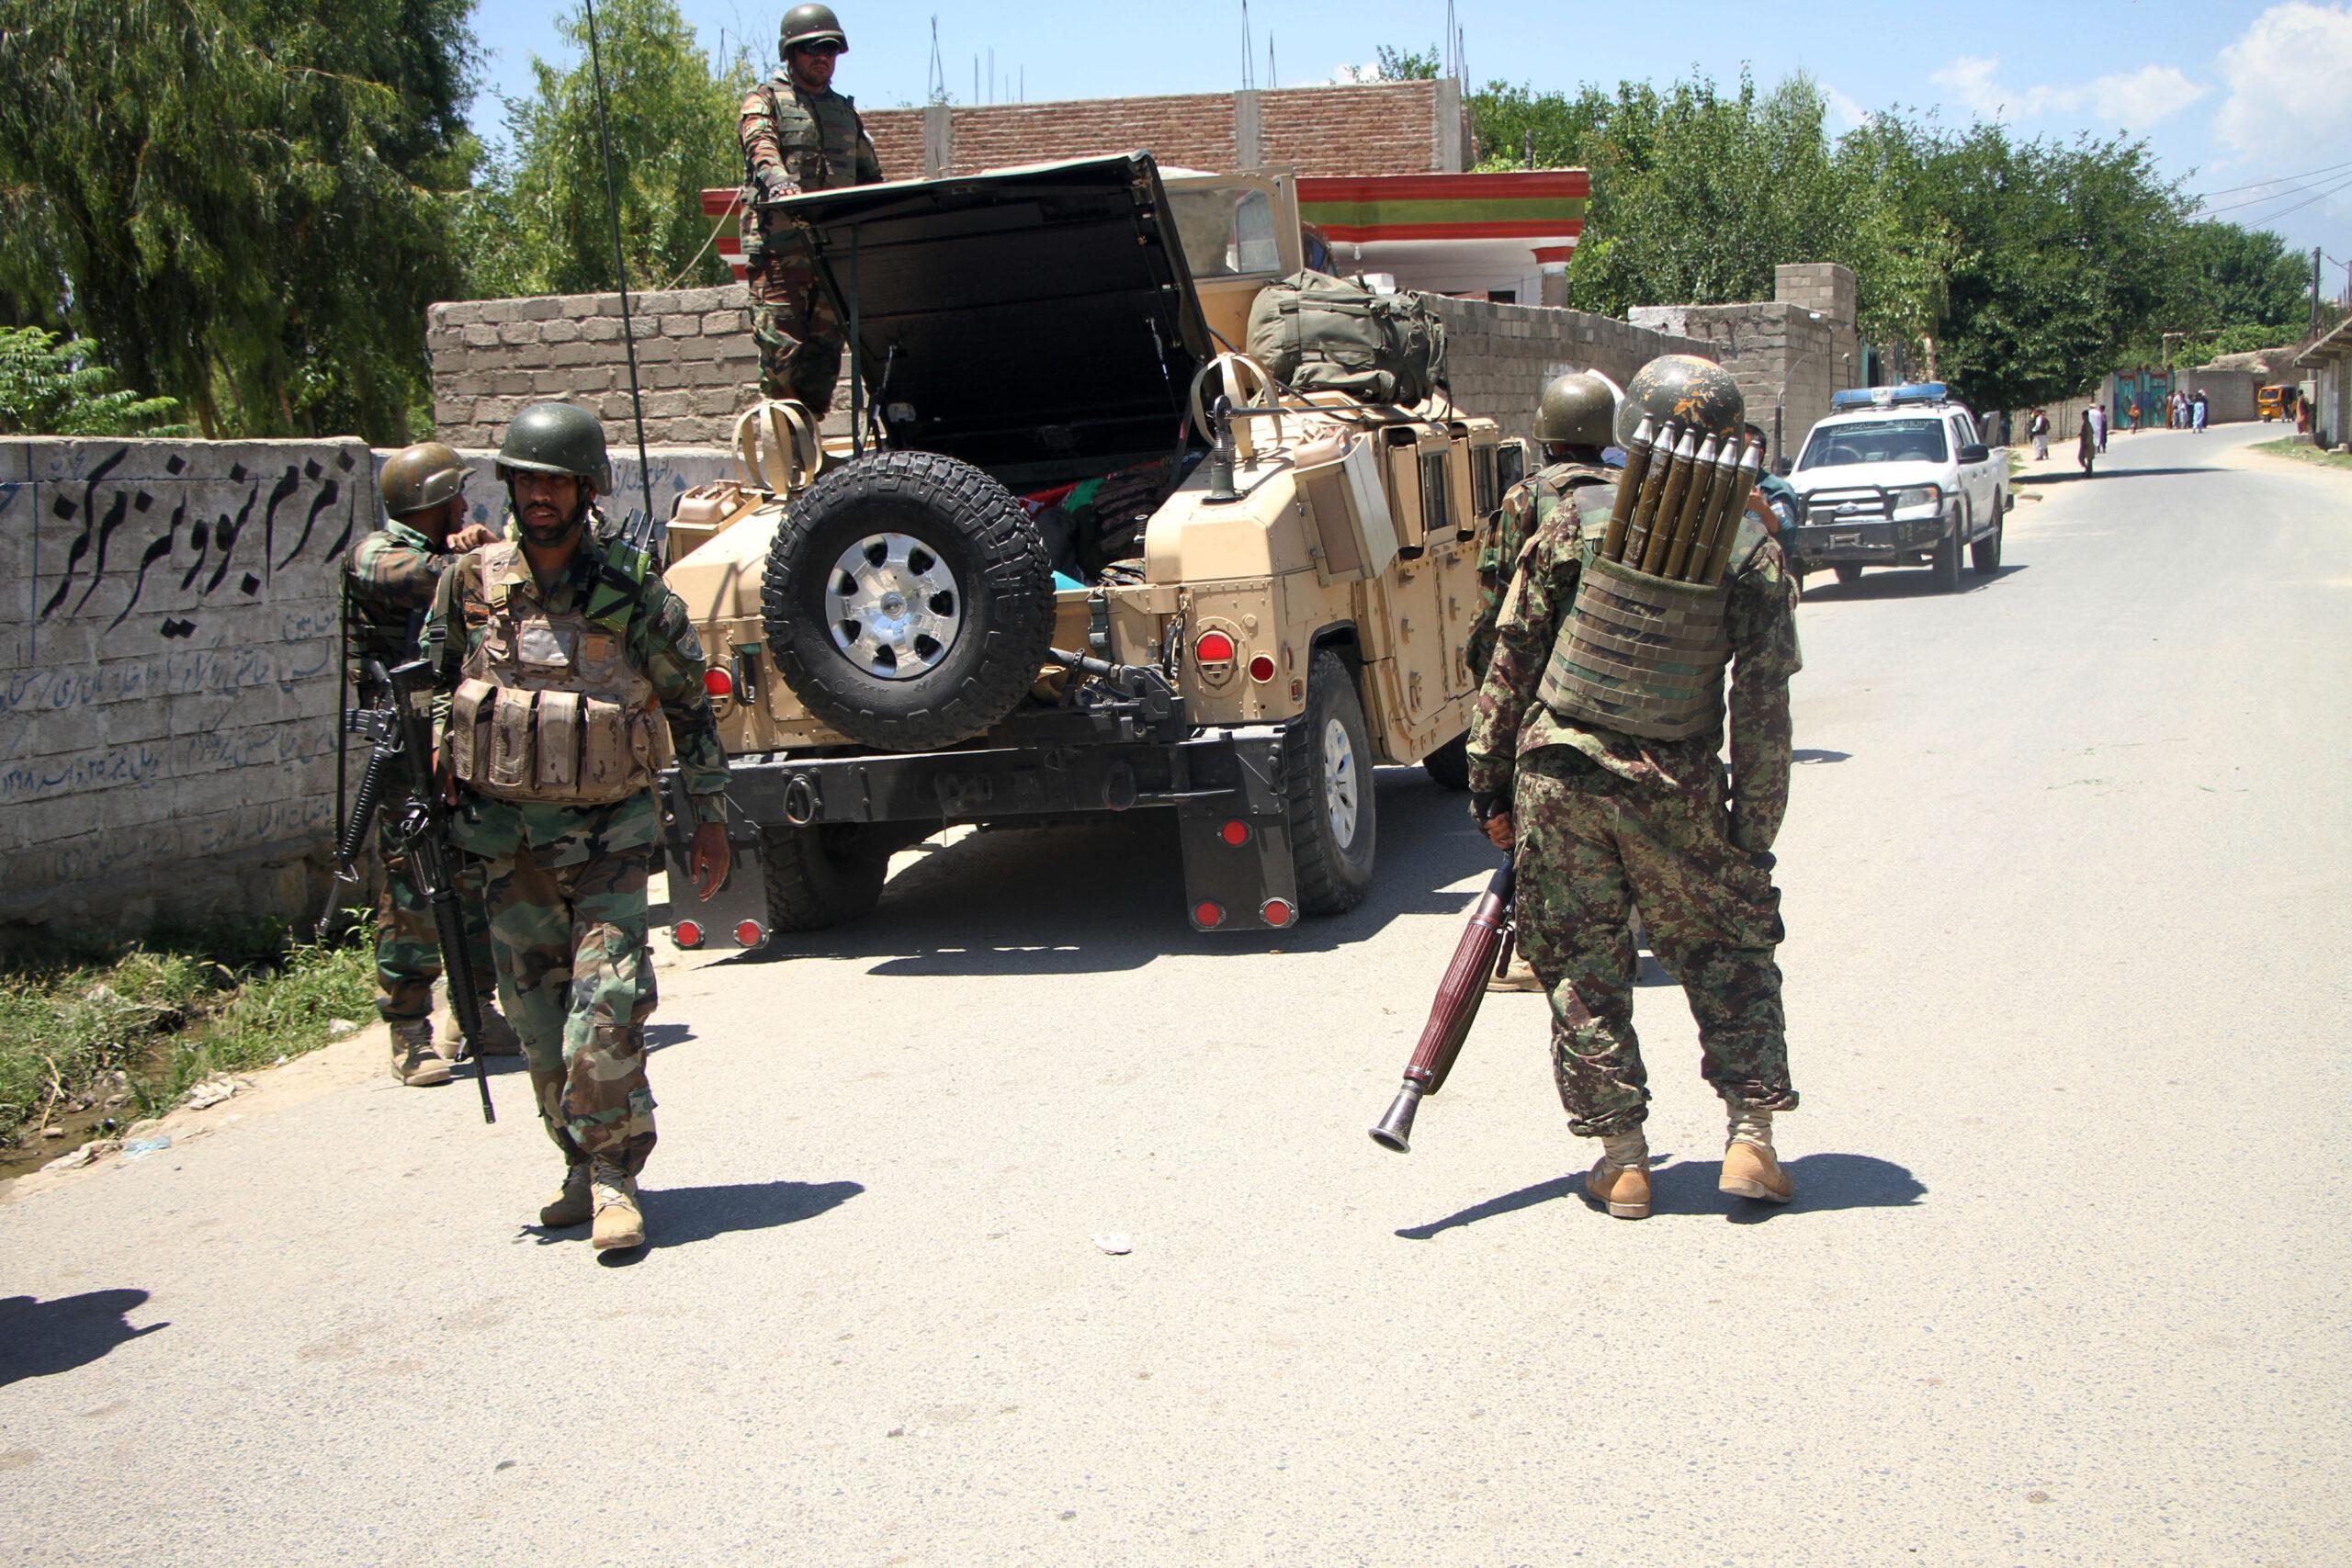 เหตุระเบิดรถทหารในอัฟกานิสถาน เจ็บอย่างน้อย 6 ราย